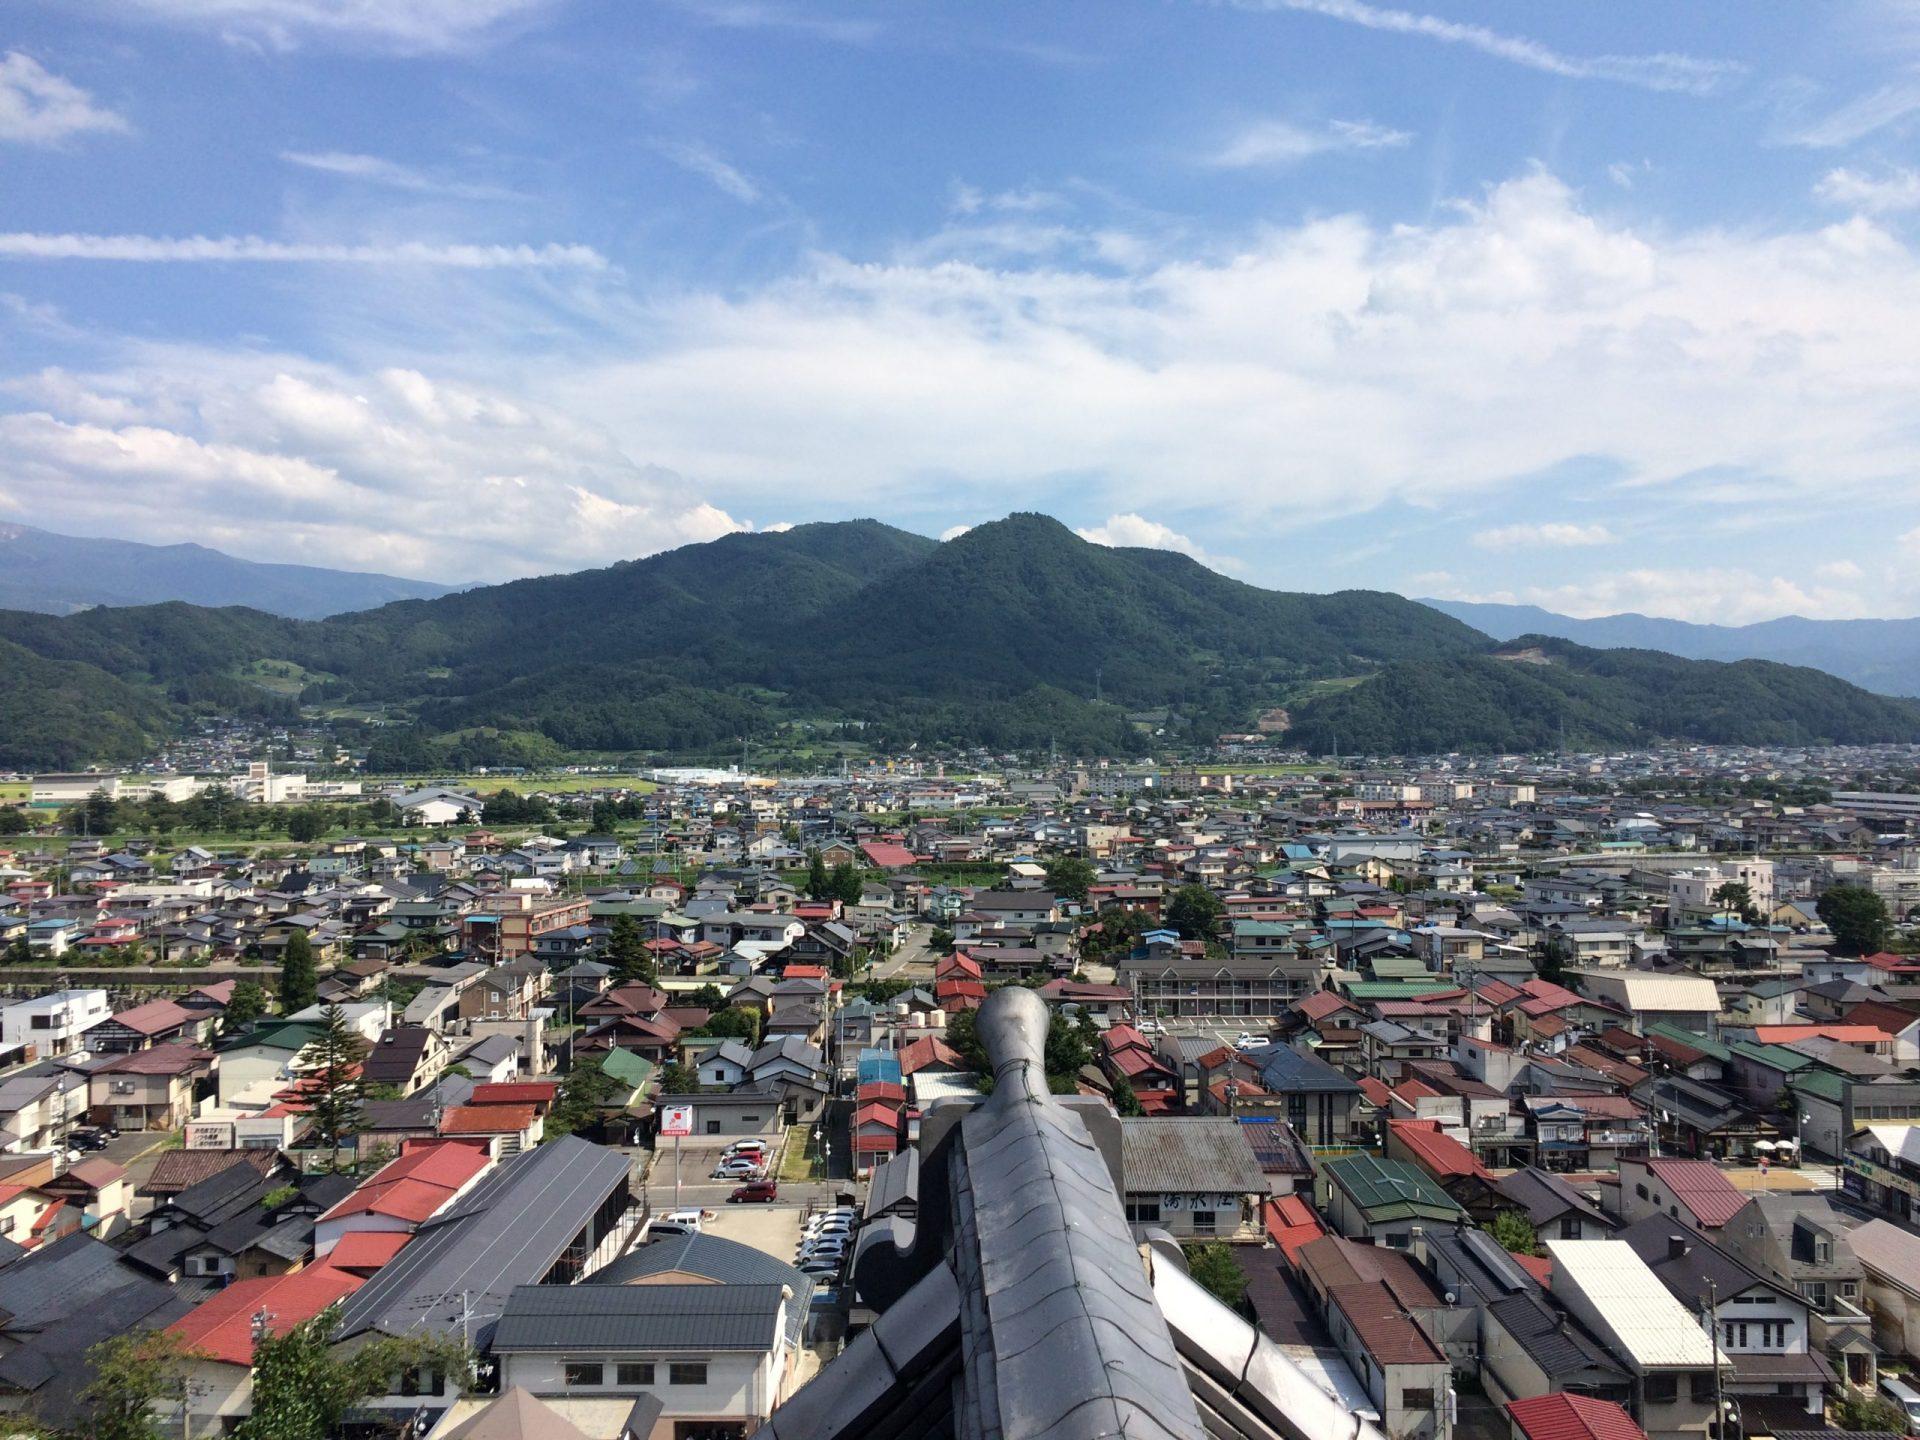 2016年夏のよりみち旅23〜山形かみのやま温泉と斎藤茂吉記念館